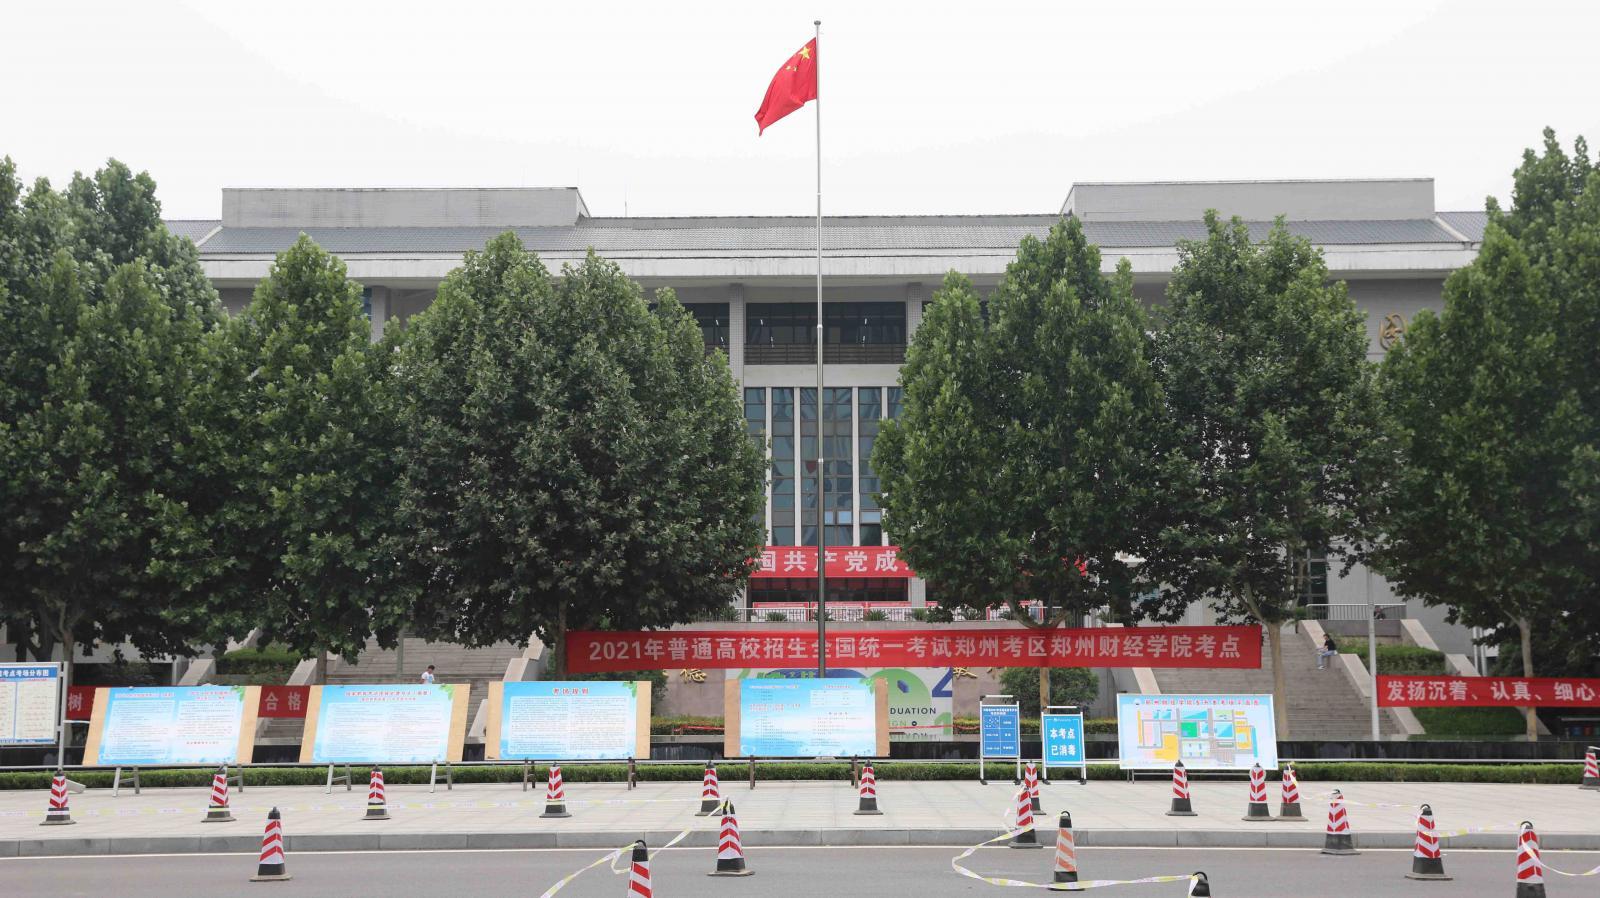 郑州财经学院圆满完成2021年专升本考试工作